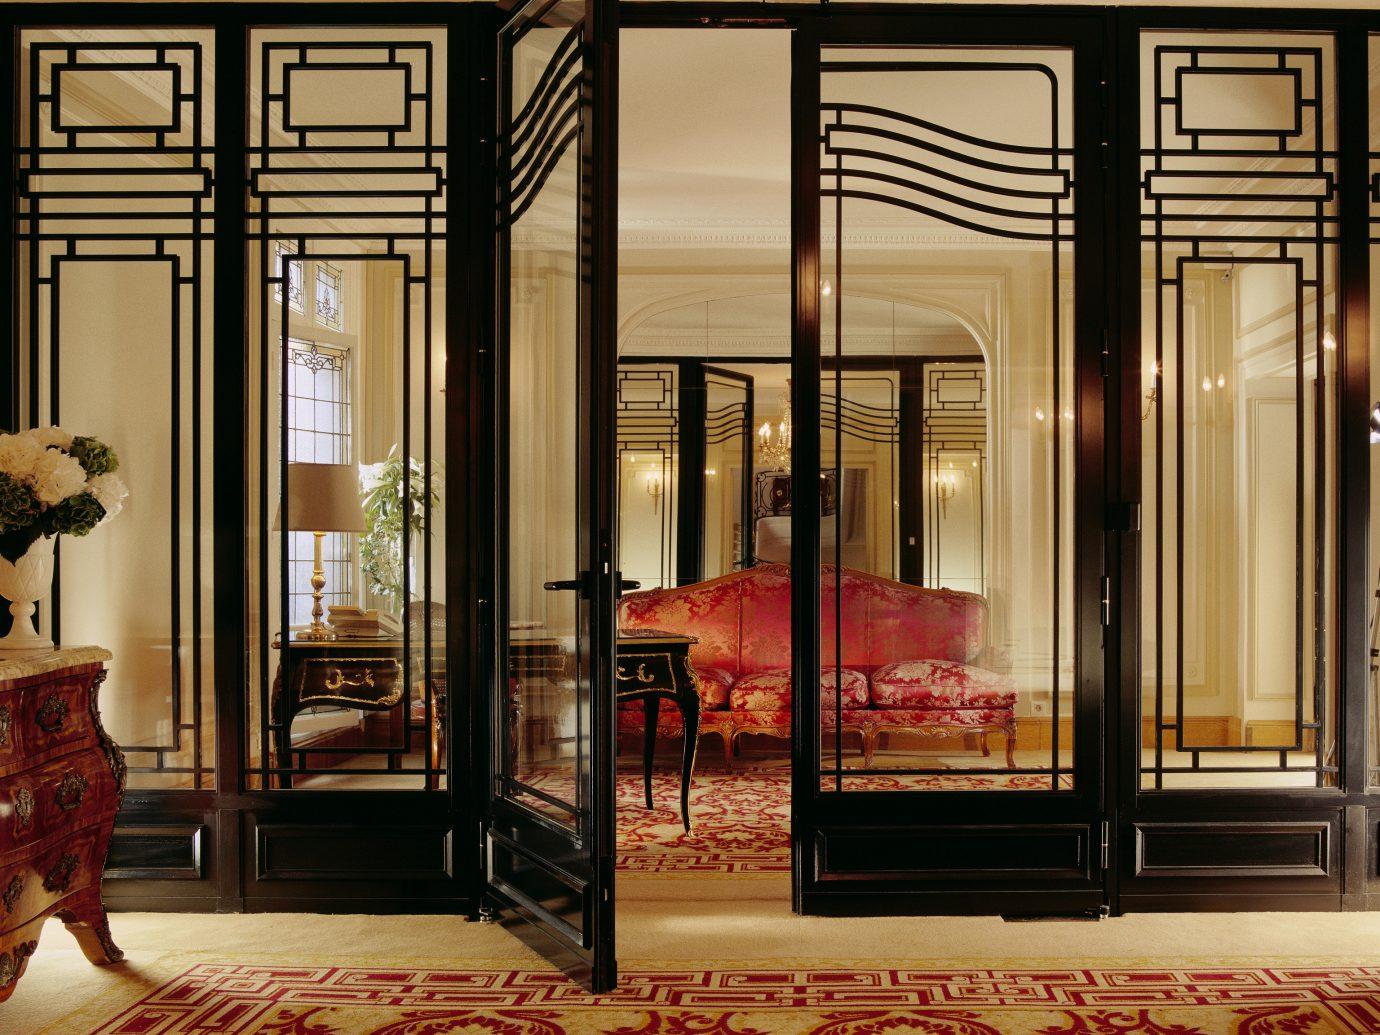 Hotels Luxury Travel floor indoor room window Living furniture interior design door Lobby flooring